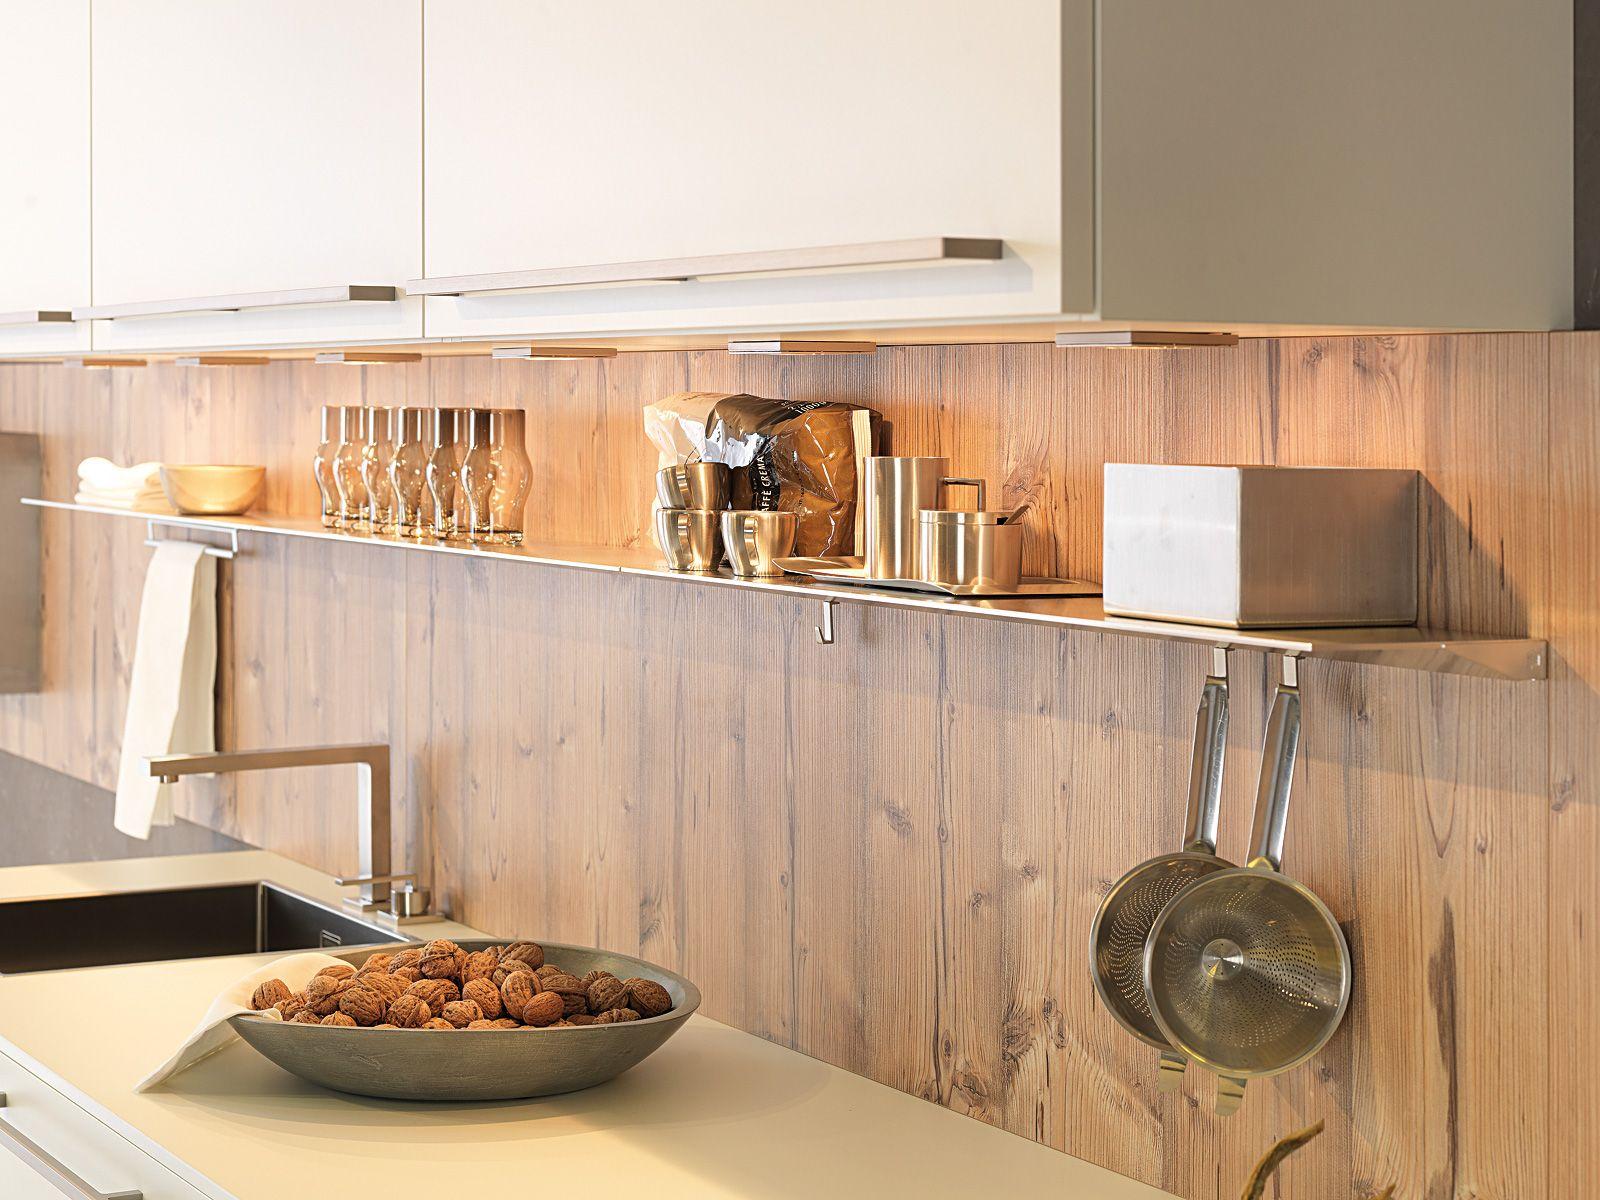 Pin Von Rieke Muller Auf Haus In 2020 Arbeitsplatte Holz Kuche Holz Kuche